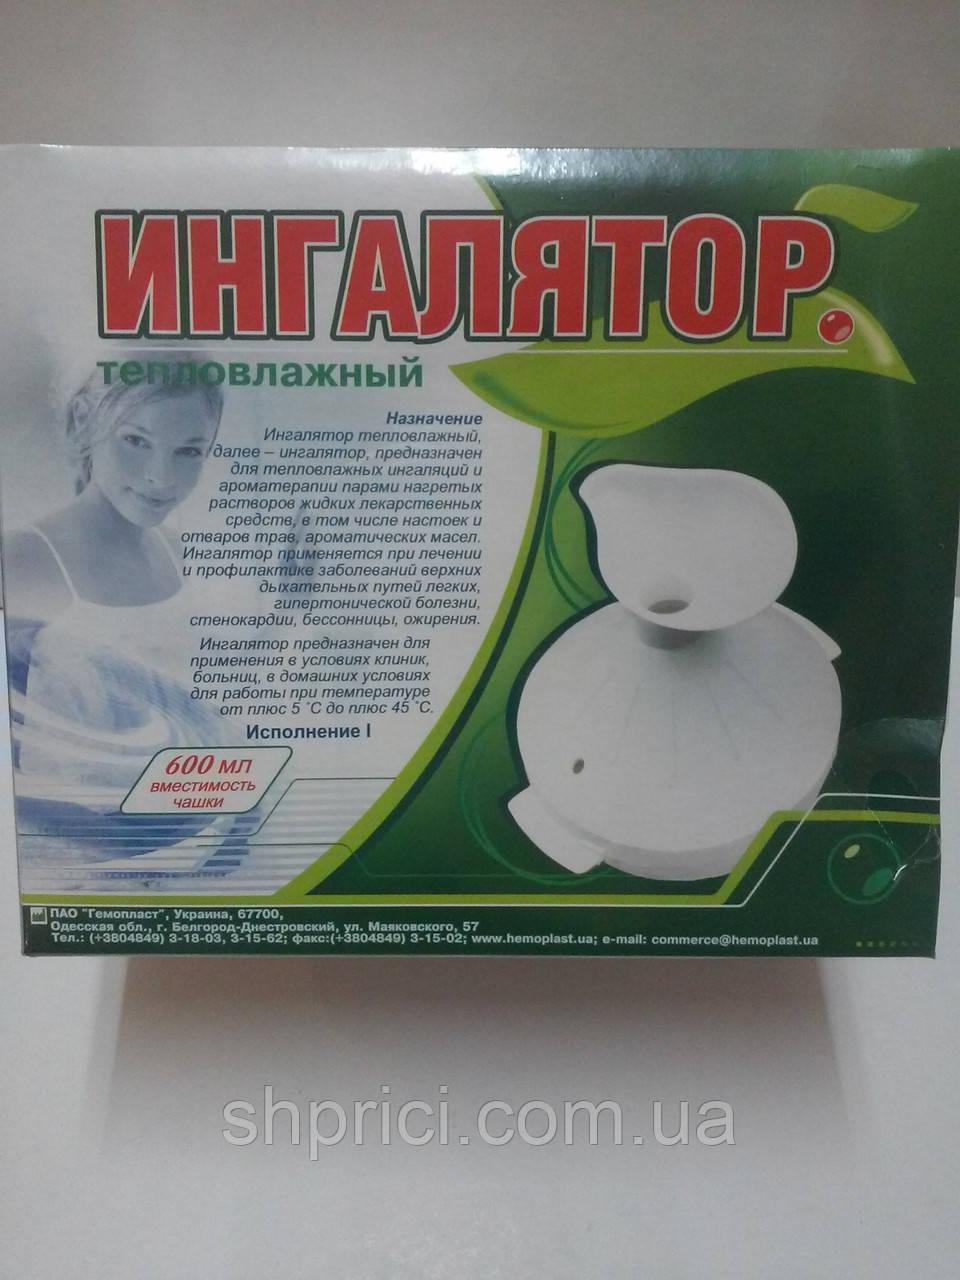 Ингалятор паровой тепловлажный 600 см3/ Гемопласт